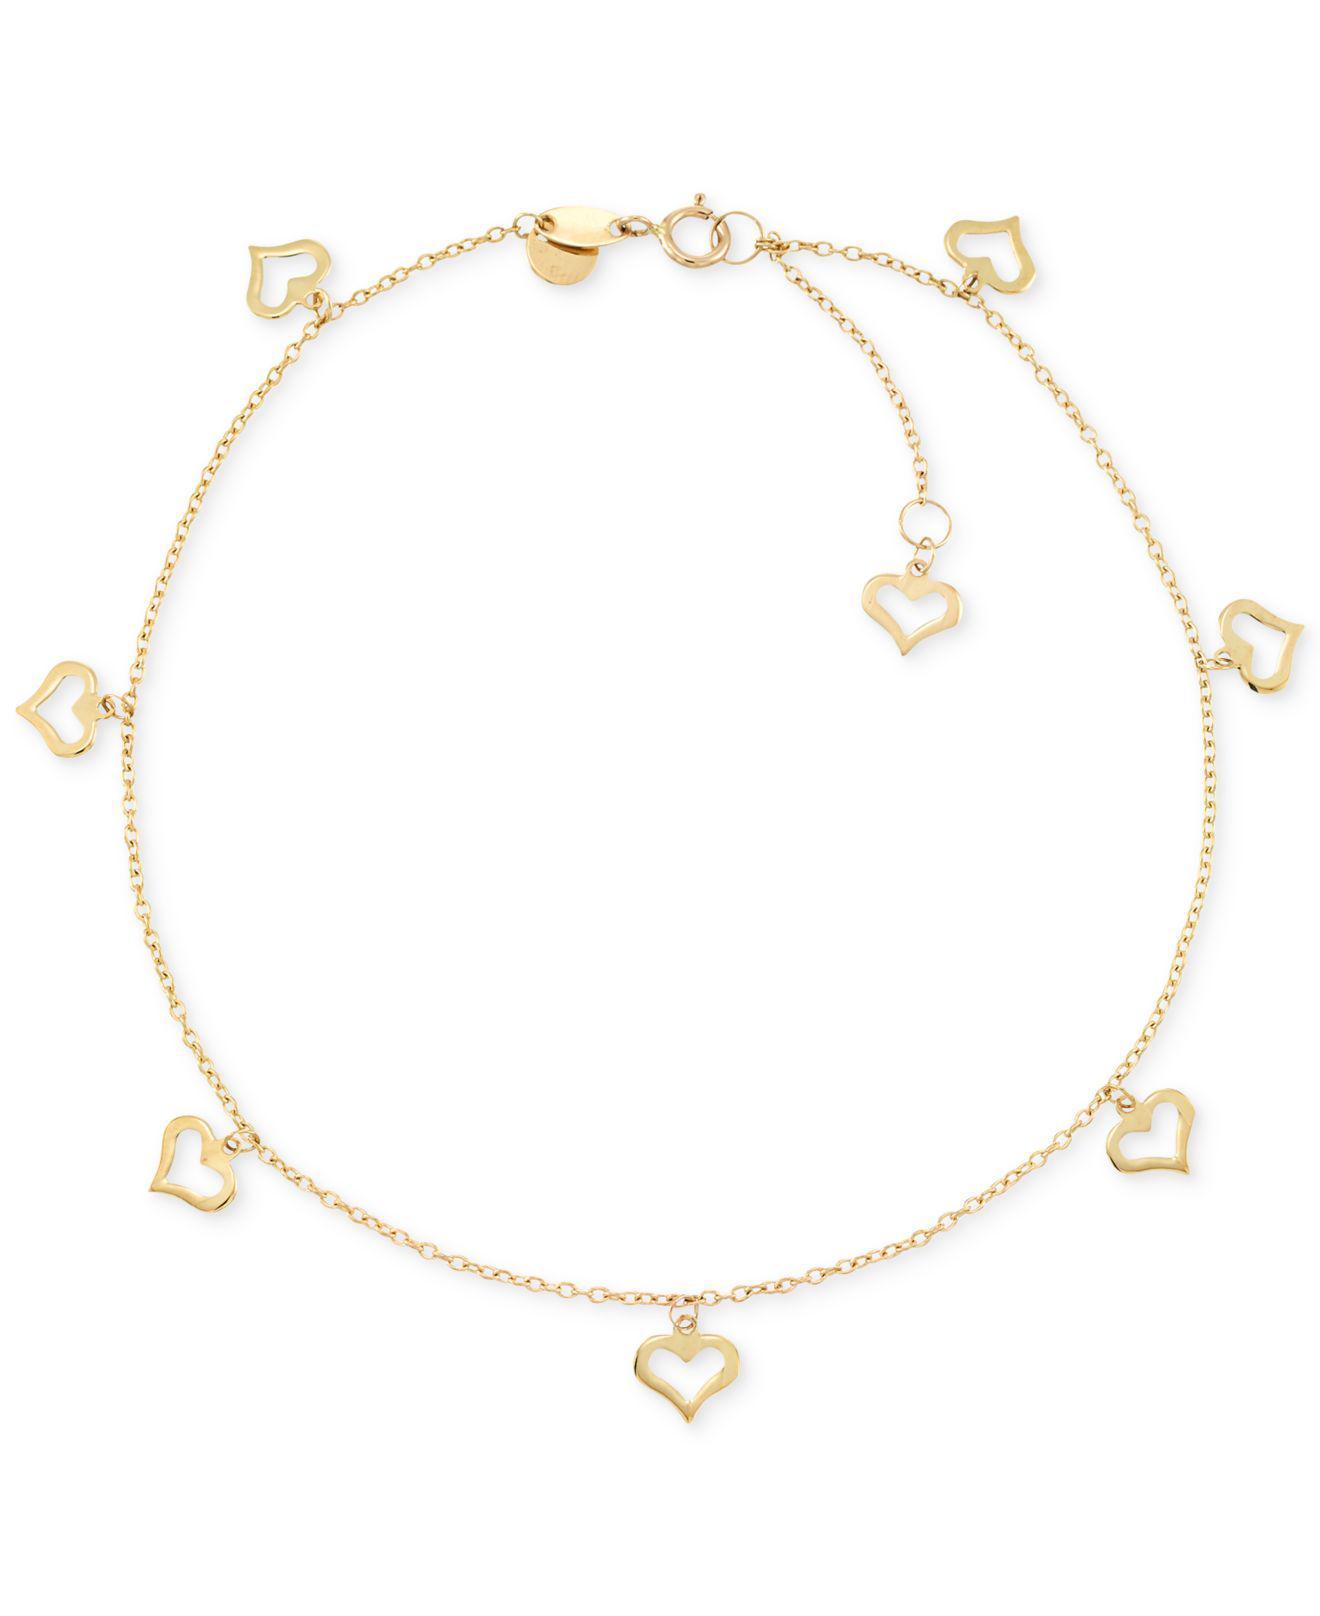 c0887501518d88 Lyst - Macy's Heart Charm Anklet In 14k Gold in Metallic